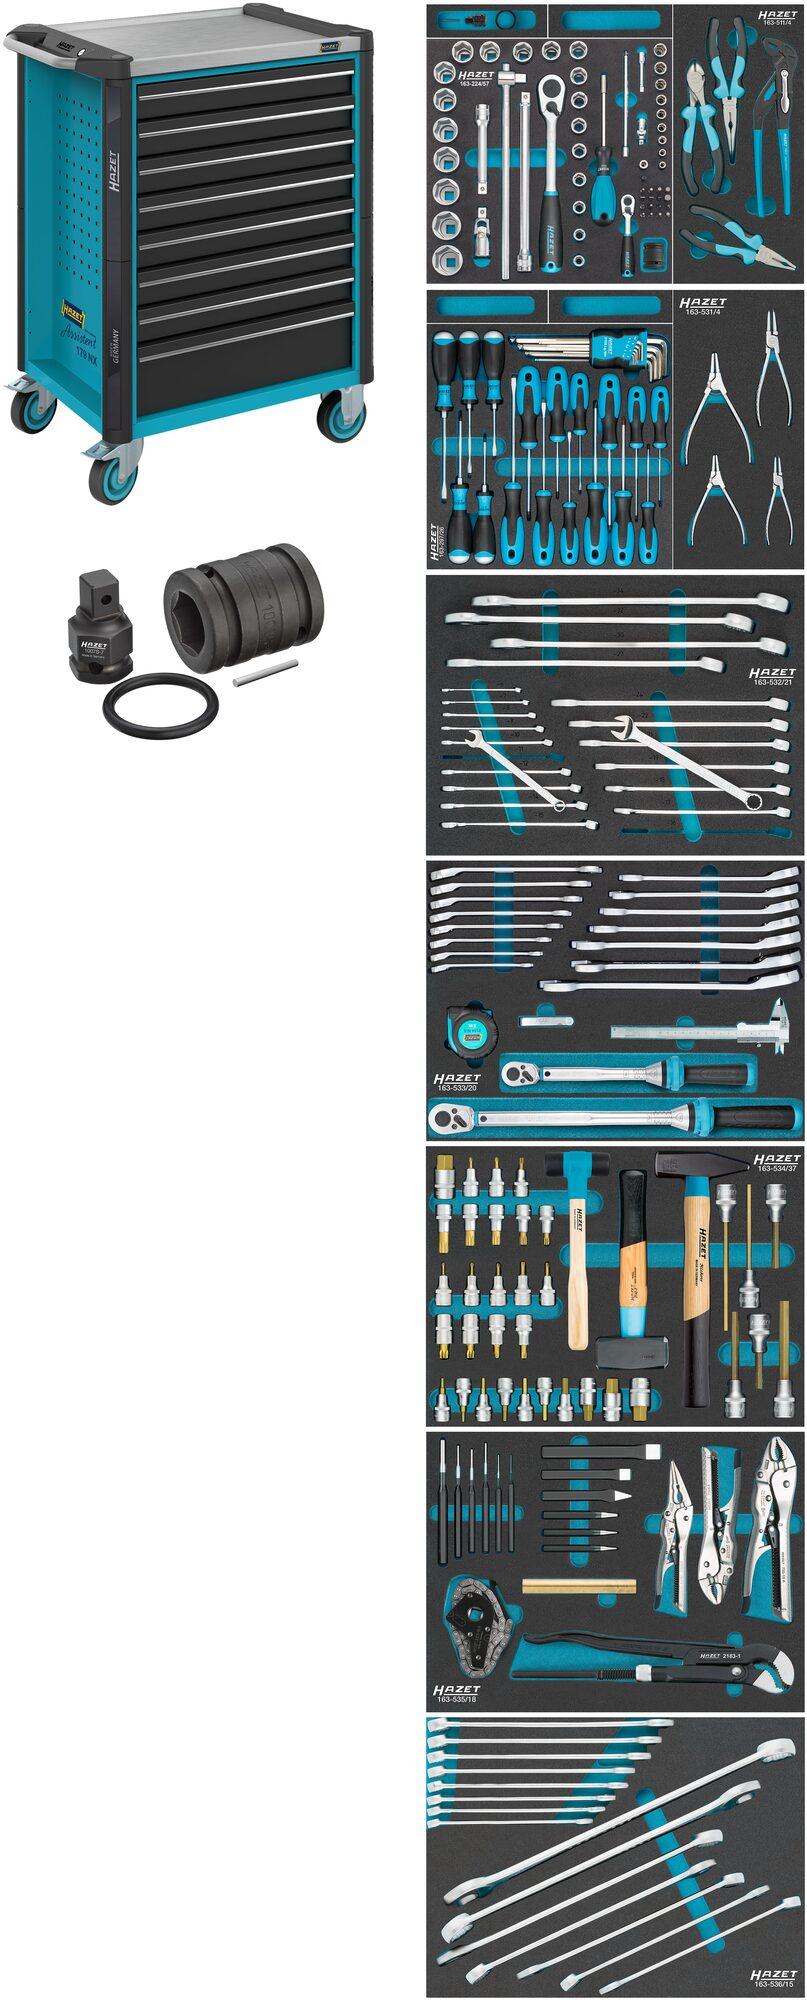 HAZET Werkstattwagen Assistent 179NX-8/206 ∙ Schubladen, flach: 8x 81x522x398 mm ∙ Anzahl Werkzeuge: 206